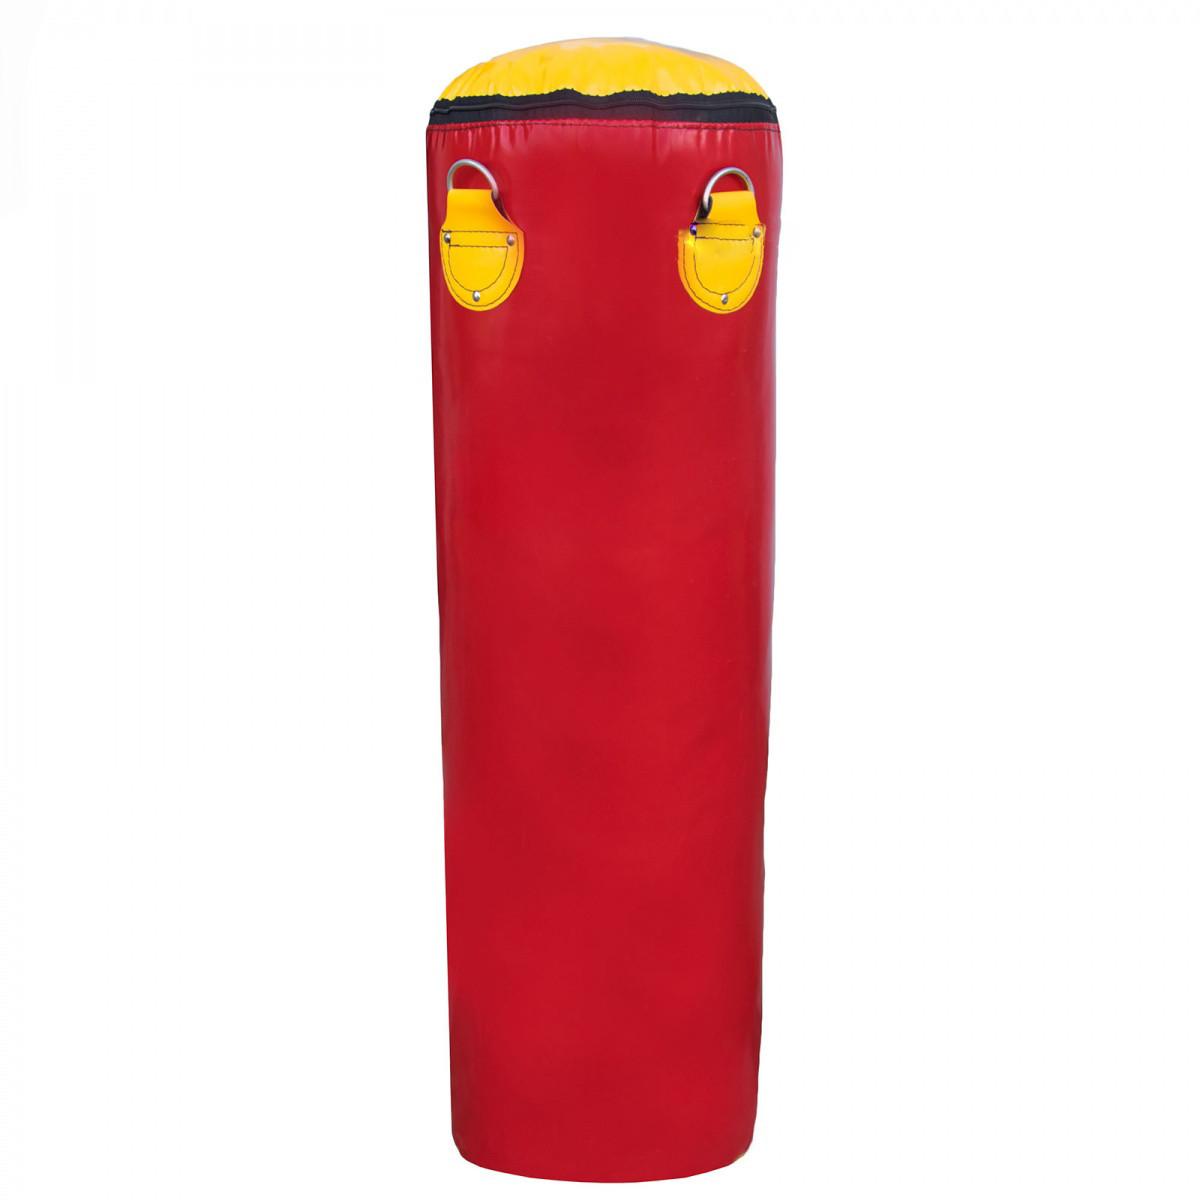 Боксерская груша для бокса (боксерский мешок) ПВХ OSPORT Lite 1.4м (OF-0052) Красная